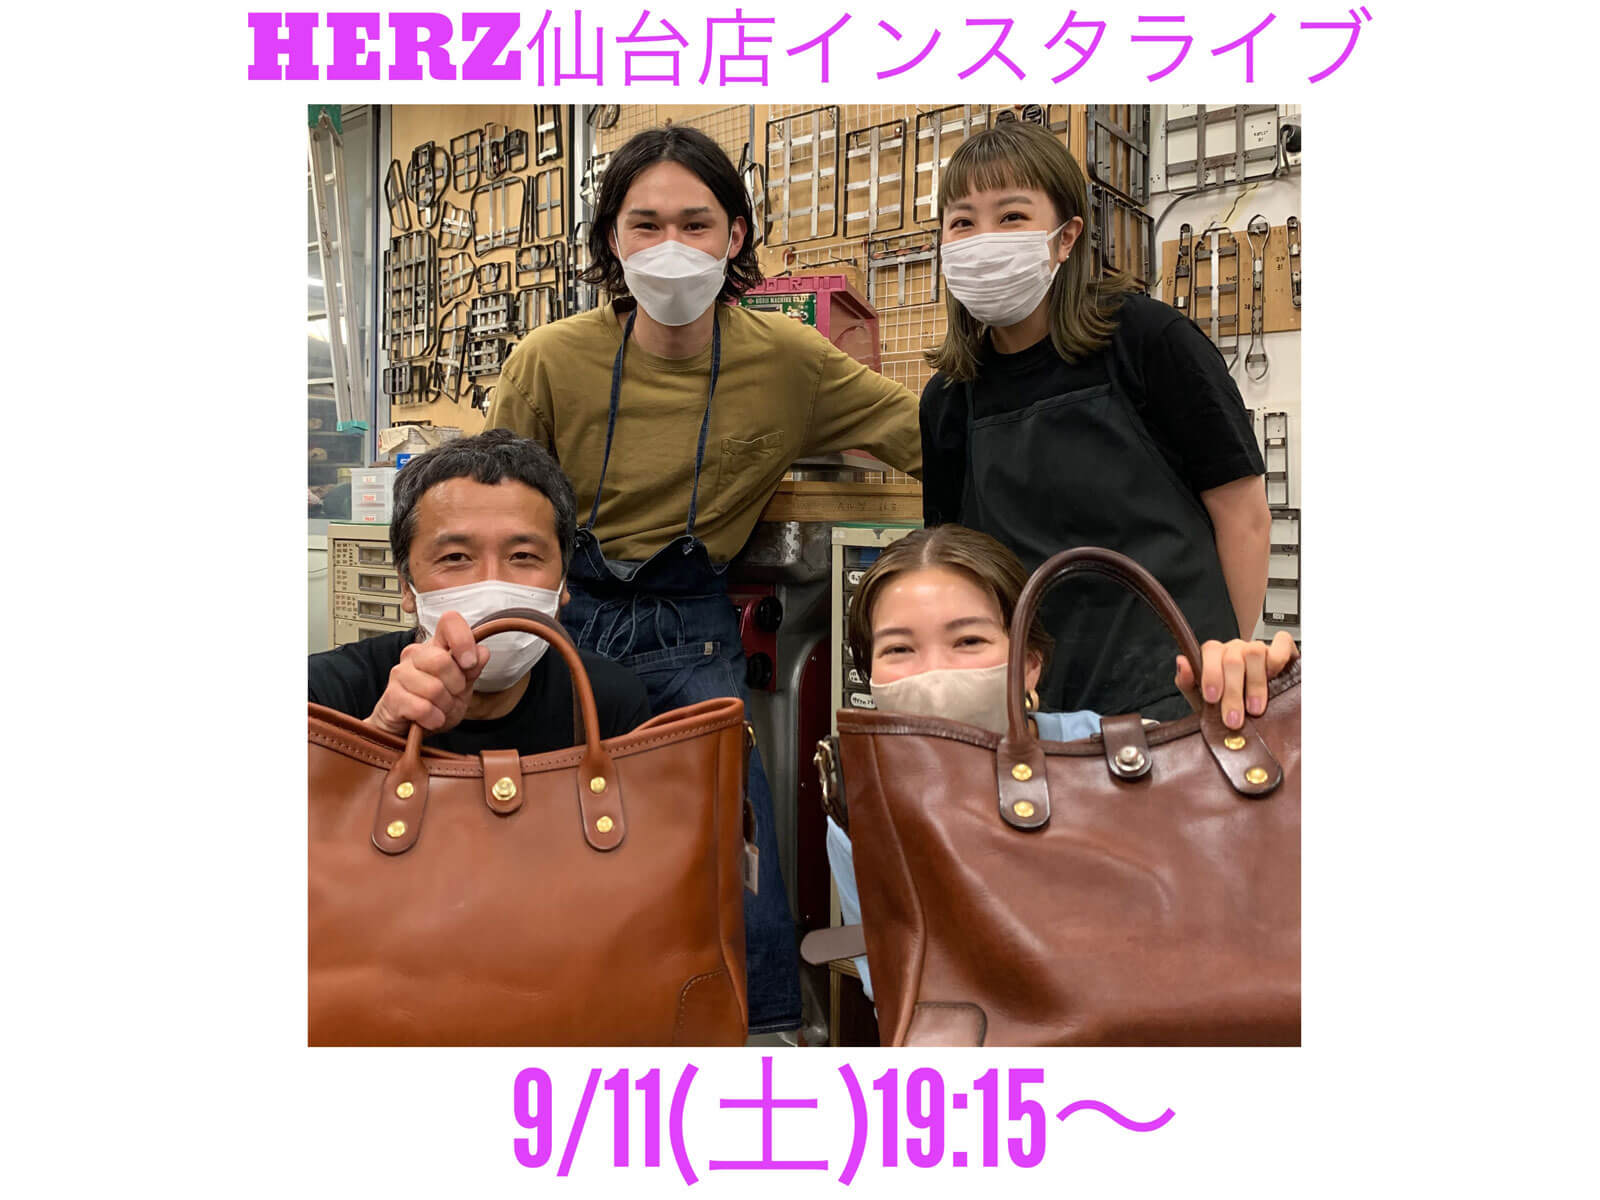 【9/11】仙台店インスタライブ開催のお知らせ